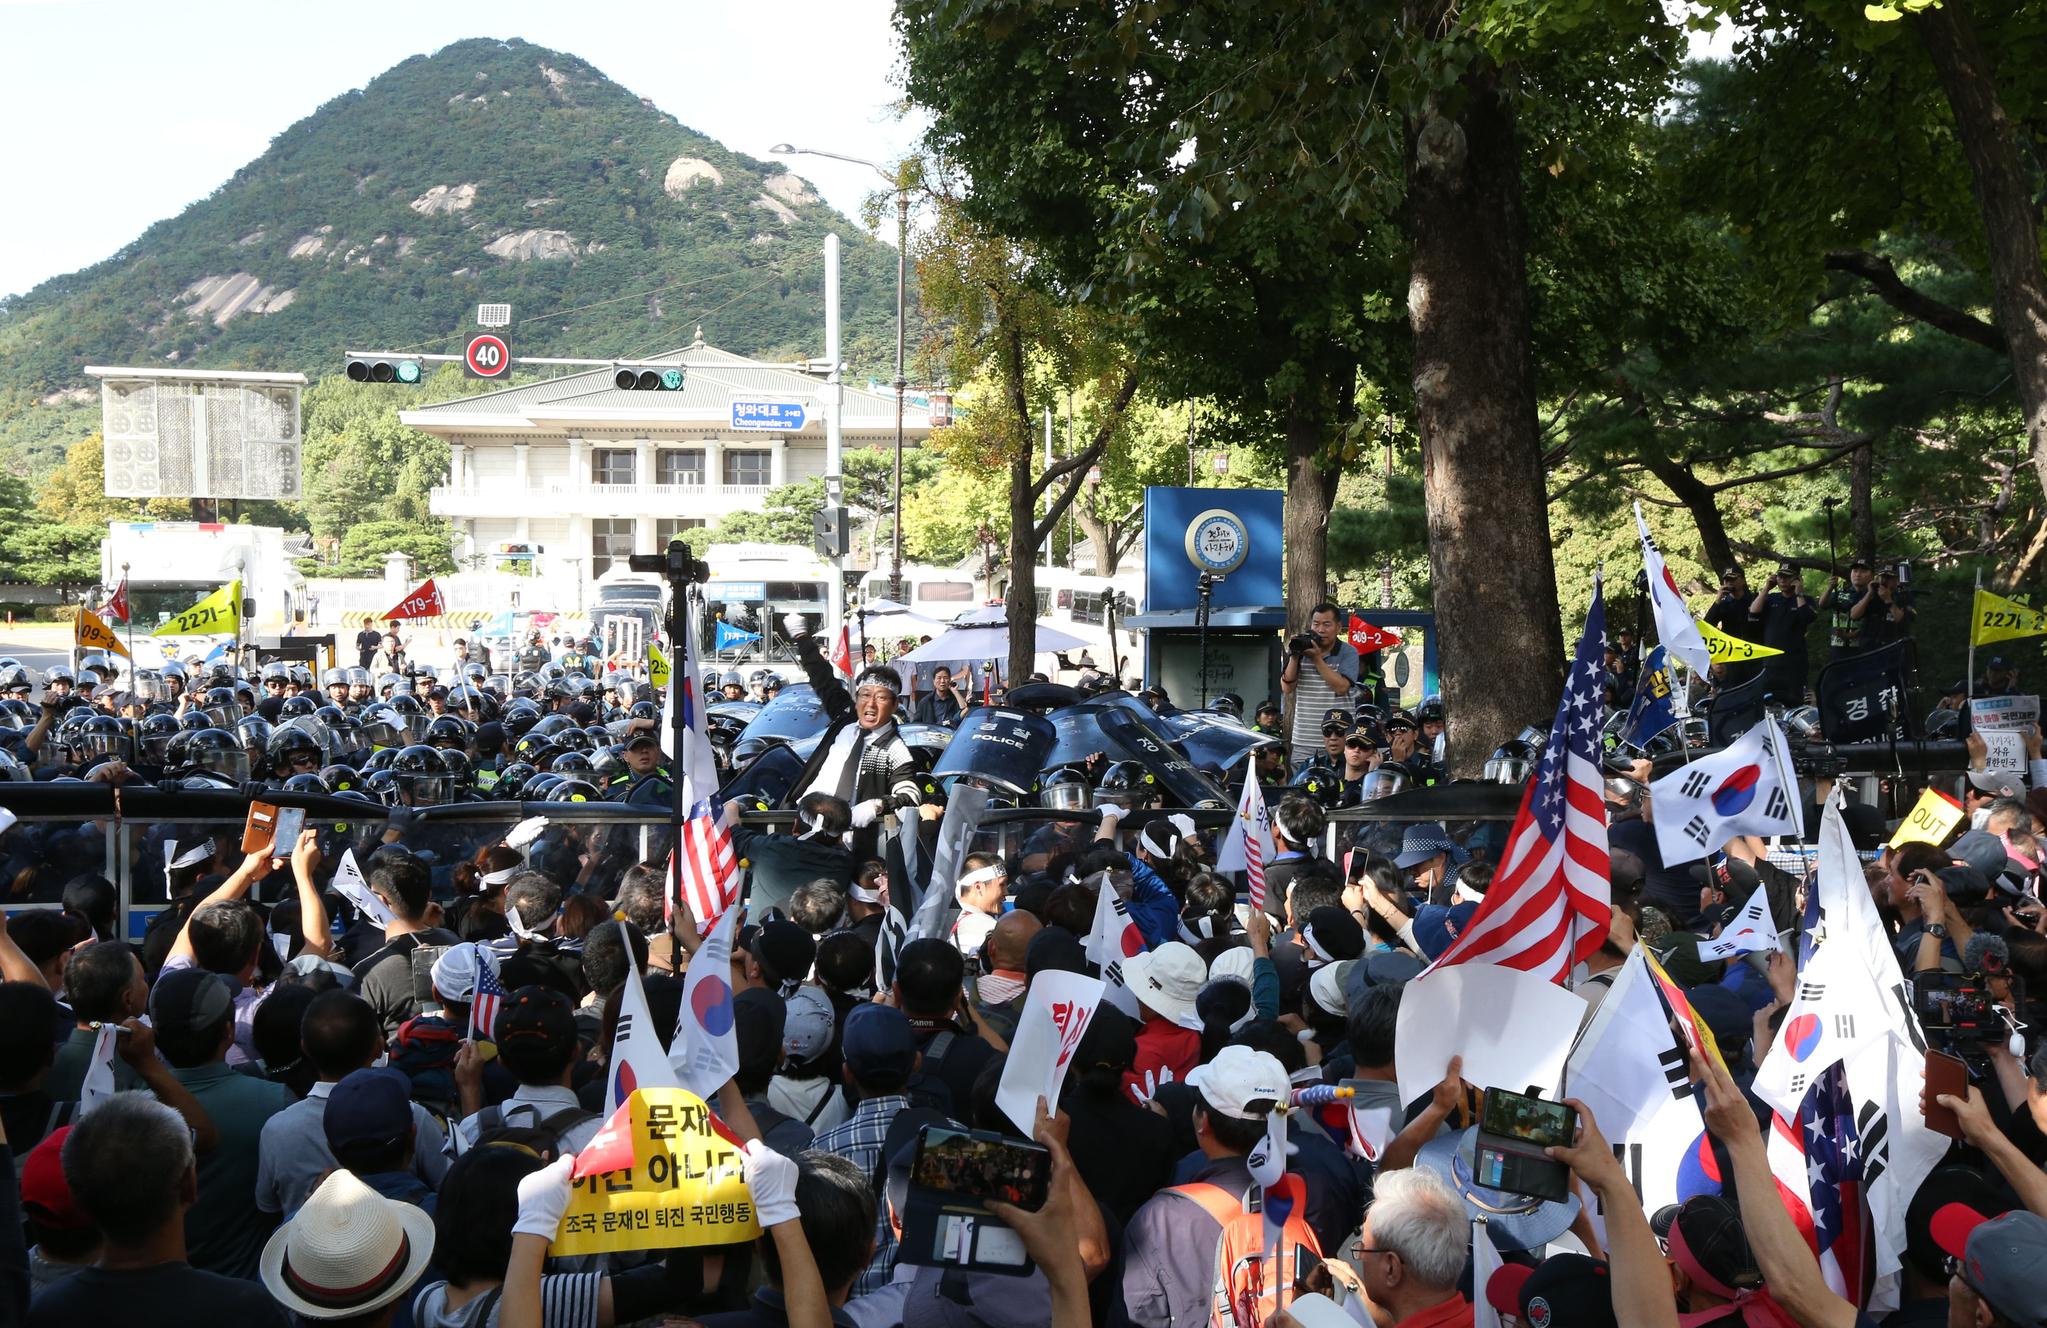 개천절인 3일 청와대 앞 집회 과정에서 탈북자 단체 등 보수단체 회원들이 청와대 앞에서 몸싸움을 하고 있다. [중앙포토]